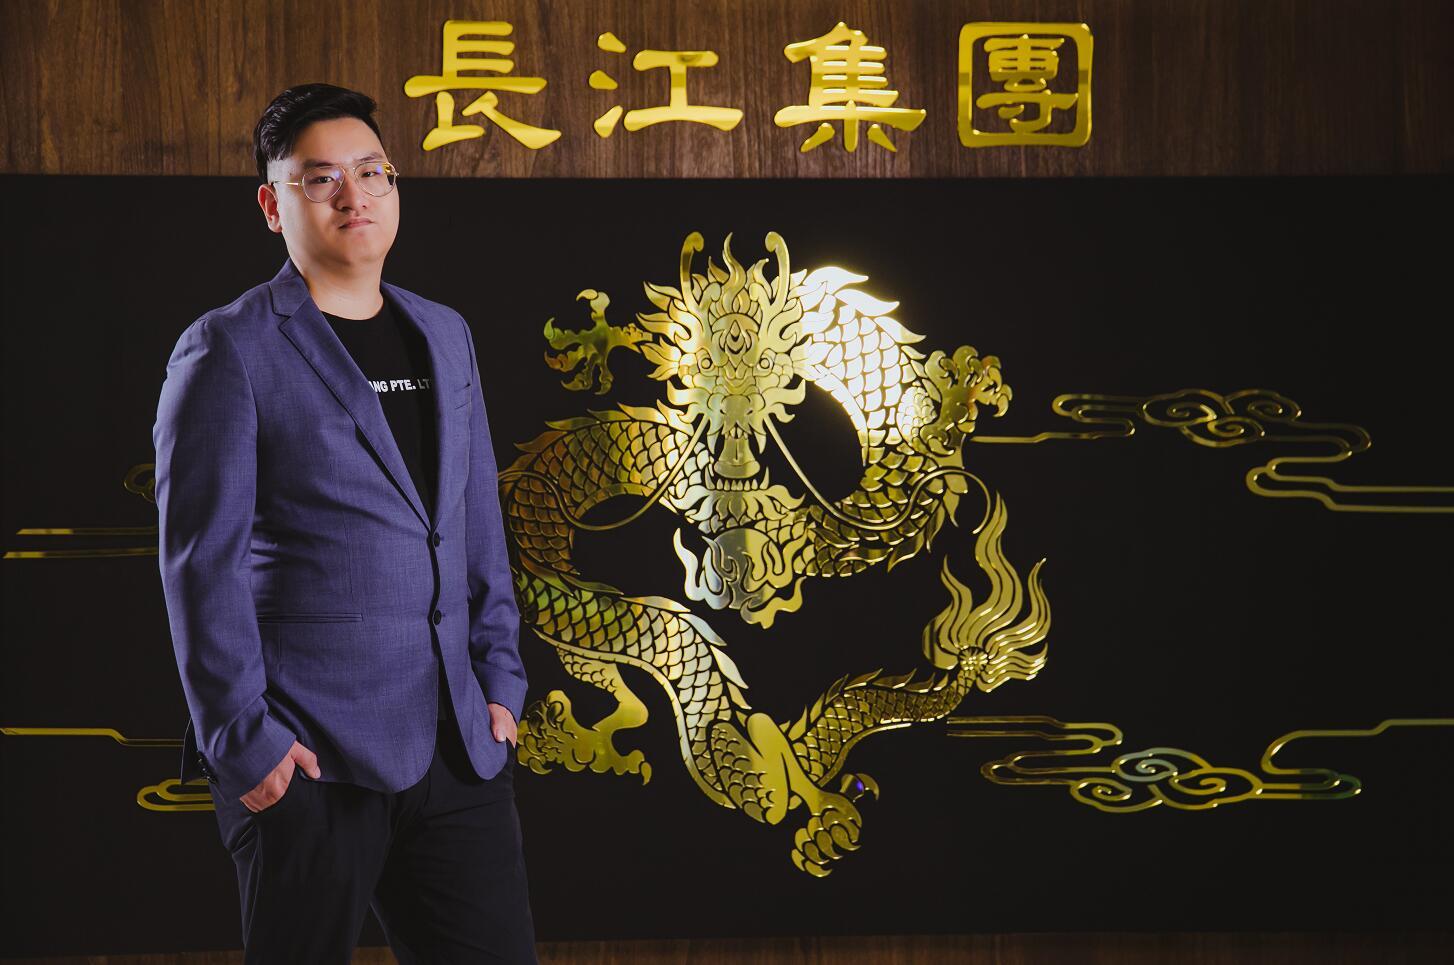 杨耀福担任全球城市小姐台湾总决赛大会会长